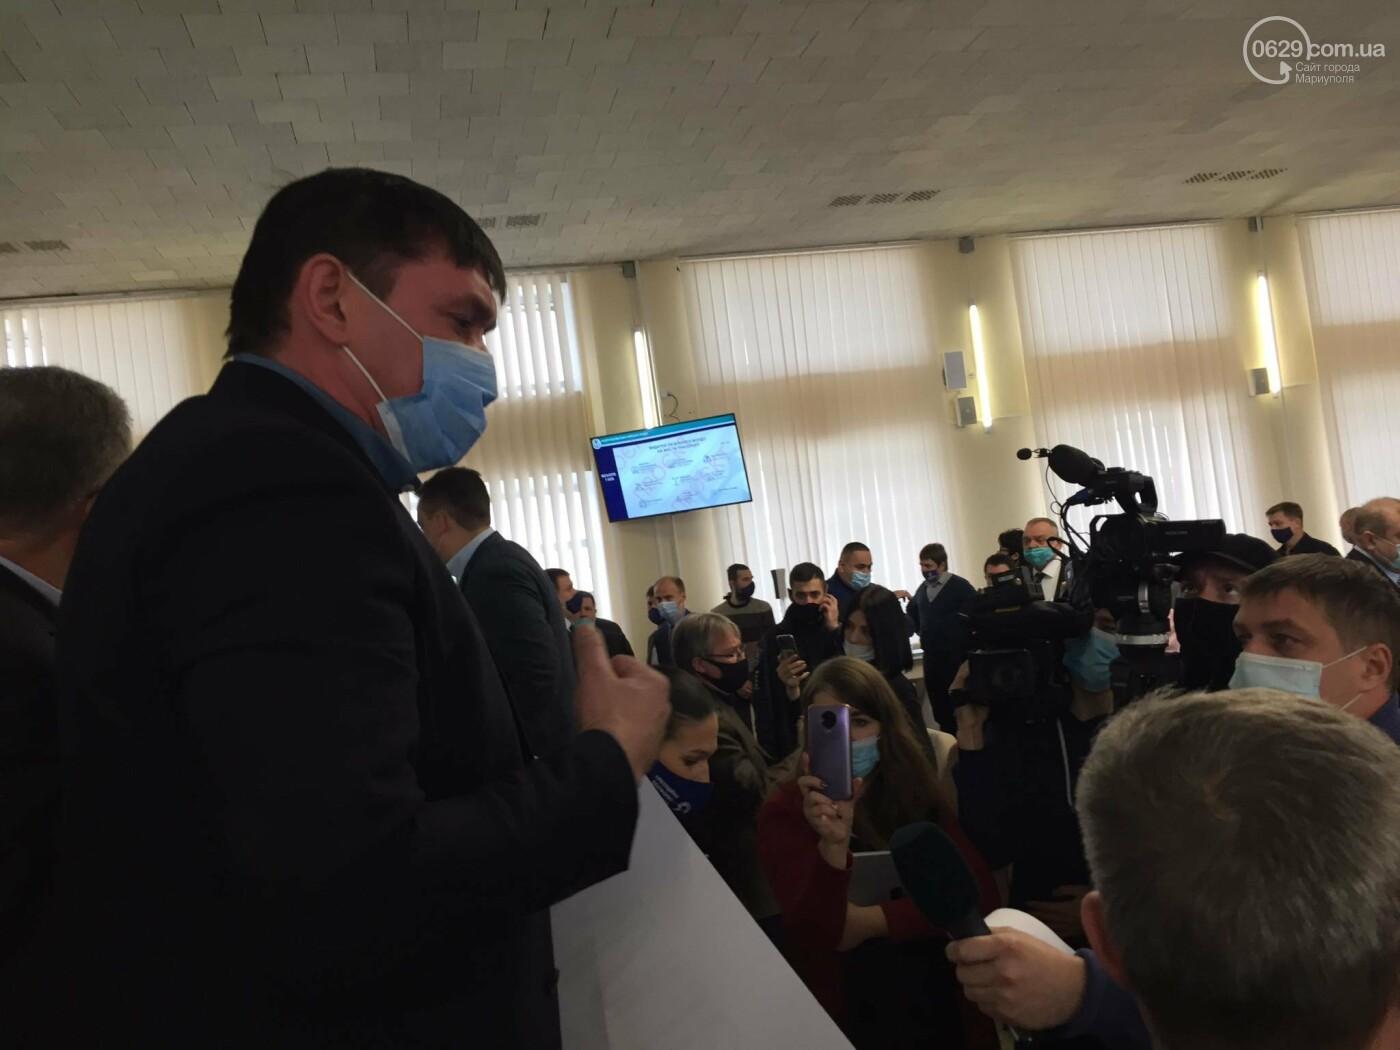 Драка в сессионном зале Мариуполя. Бойченко призвал правоохранителей и объявил перерыв, - СТРИМ, ФОТО, фото-10